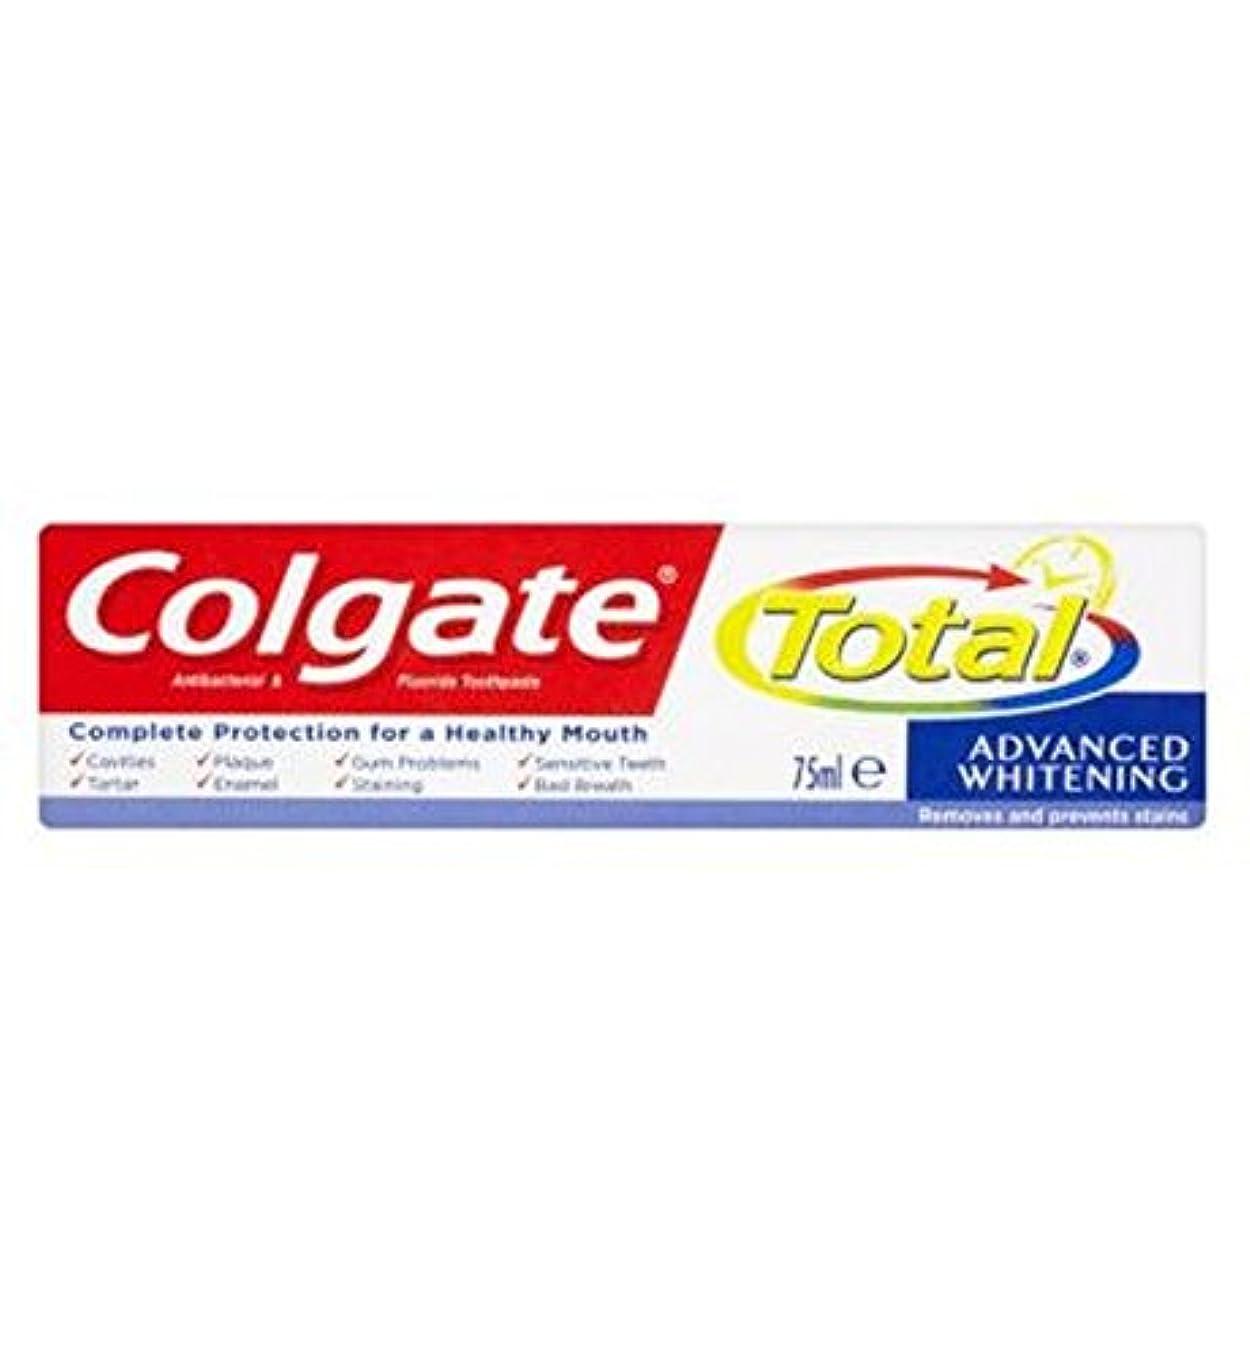 ゲートウェイ口ひげマオリColgate Total Advanced Whitening toothpaste 75ml - コルゲートトータル高度なホワイトニング歯磨き粉75ミリリットル (Colgate) [並行輸入品]